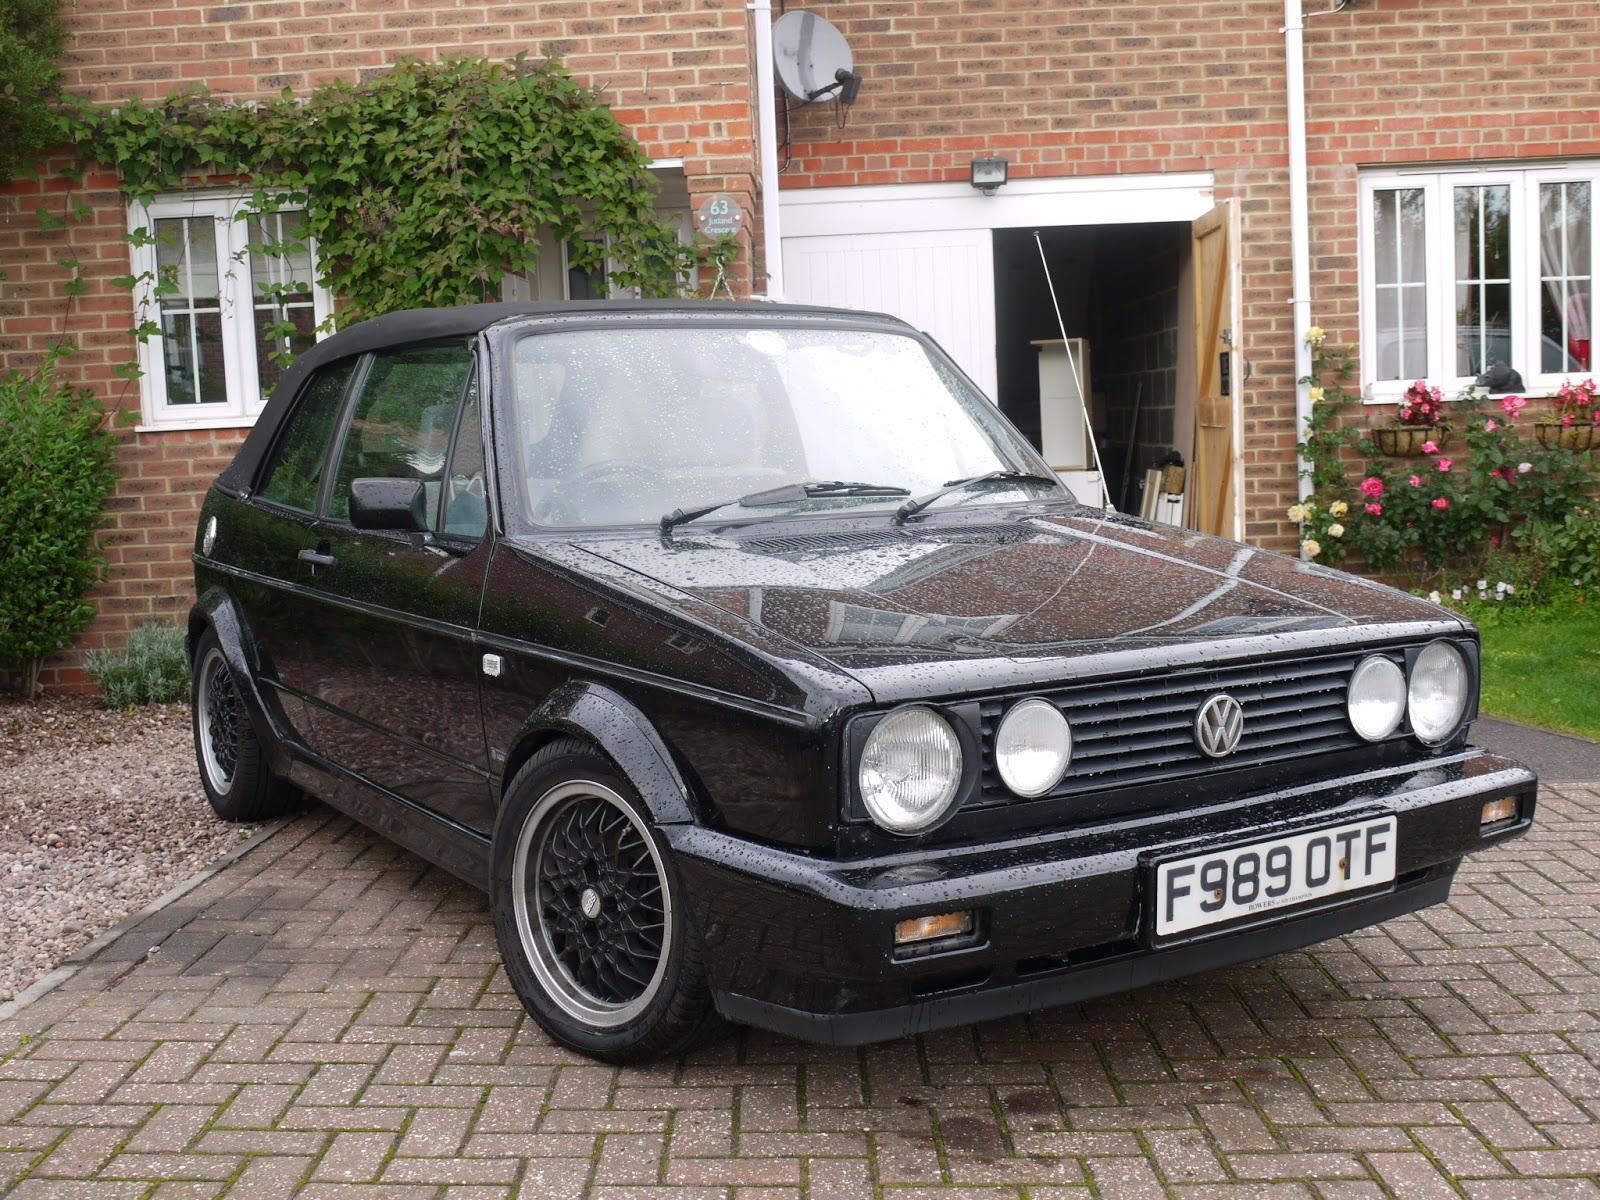 affectionado 1988 mk1 golf gti cabriolet. Black Bedroom Furniture Sets. Home Design Ideas